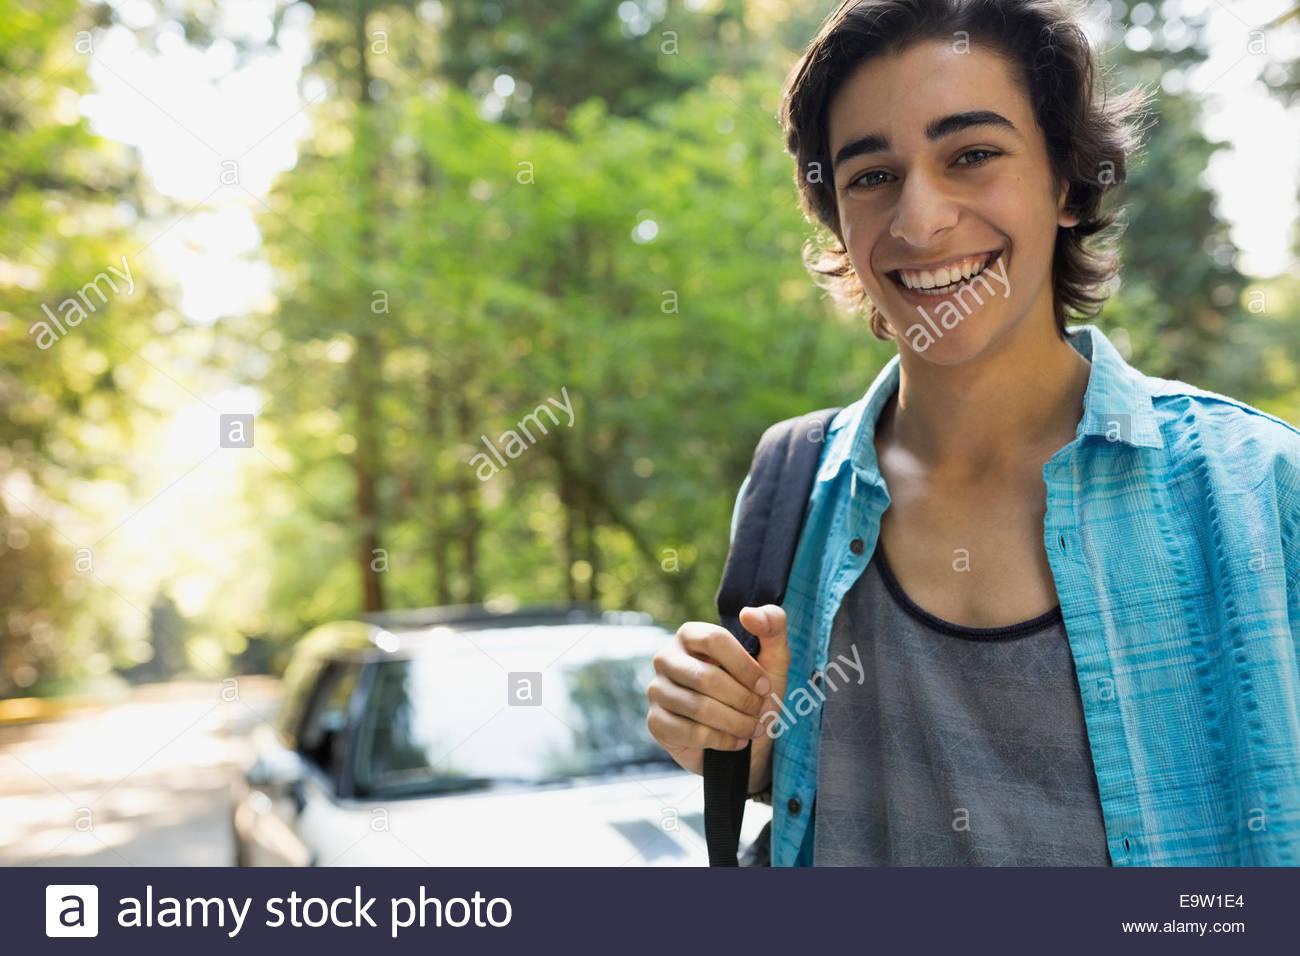 Ritratto di sorridere ragazzo adolescente nei boschi Immagini Stock